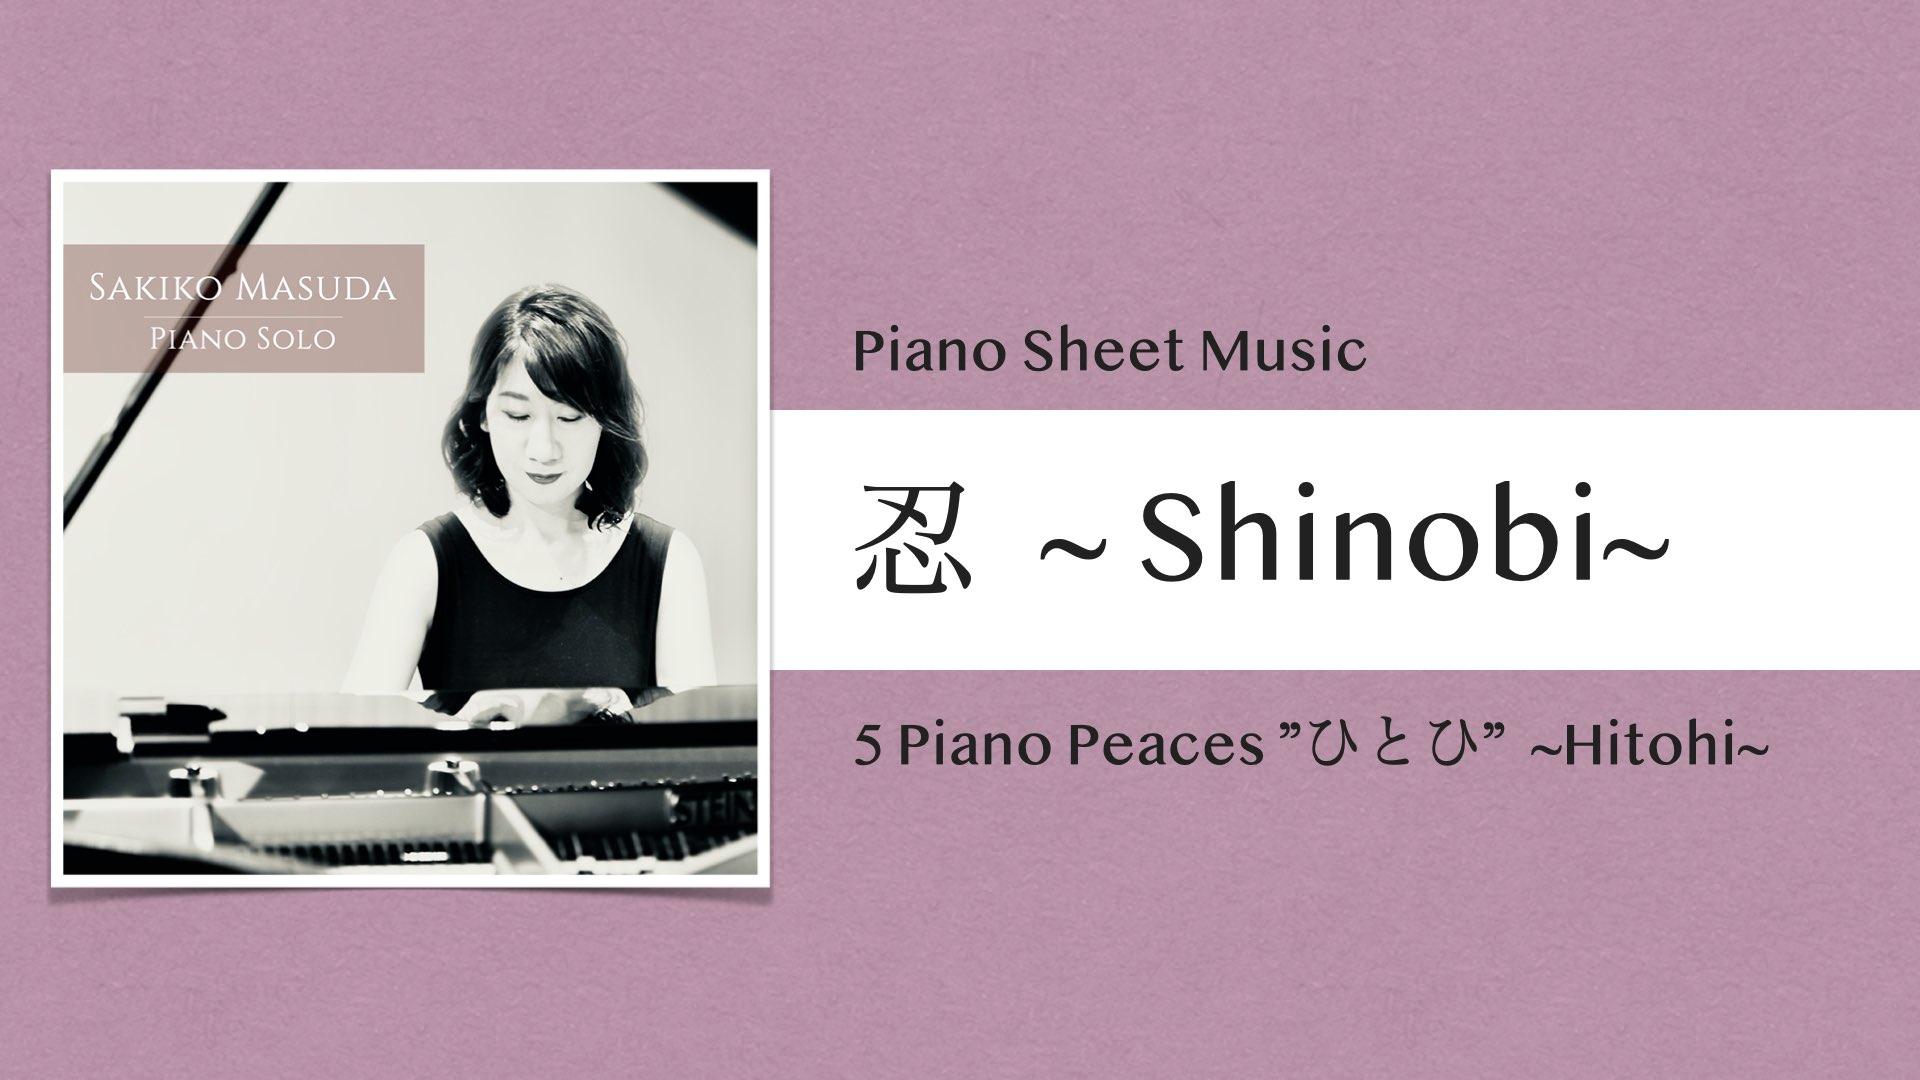 忍 〜Shinobi〜 ピアノ小曲集『ひとひ』【ピアノ楽譜】